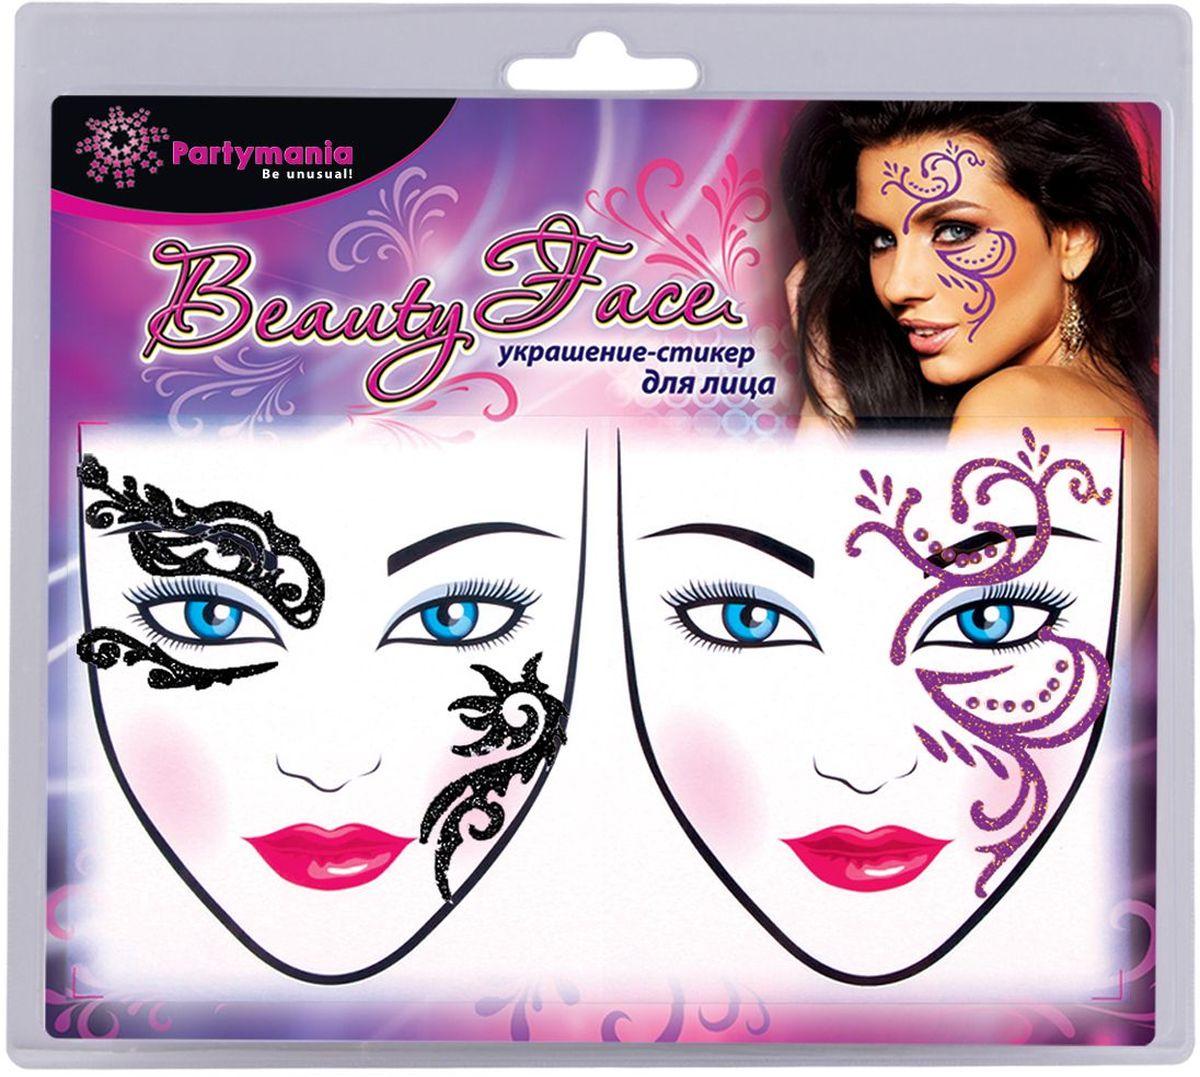 Partymania Украшение-стикер для лица Beauty Face 2 шт цвет черный розовый -  Украшение волос, лица и тела